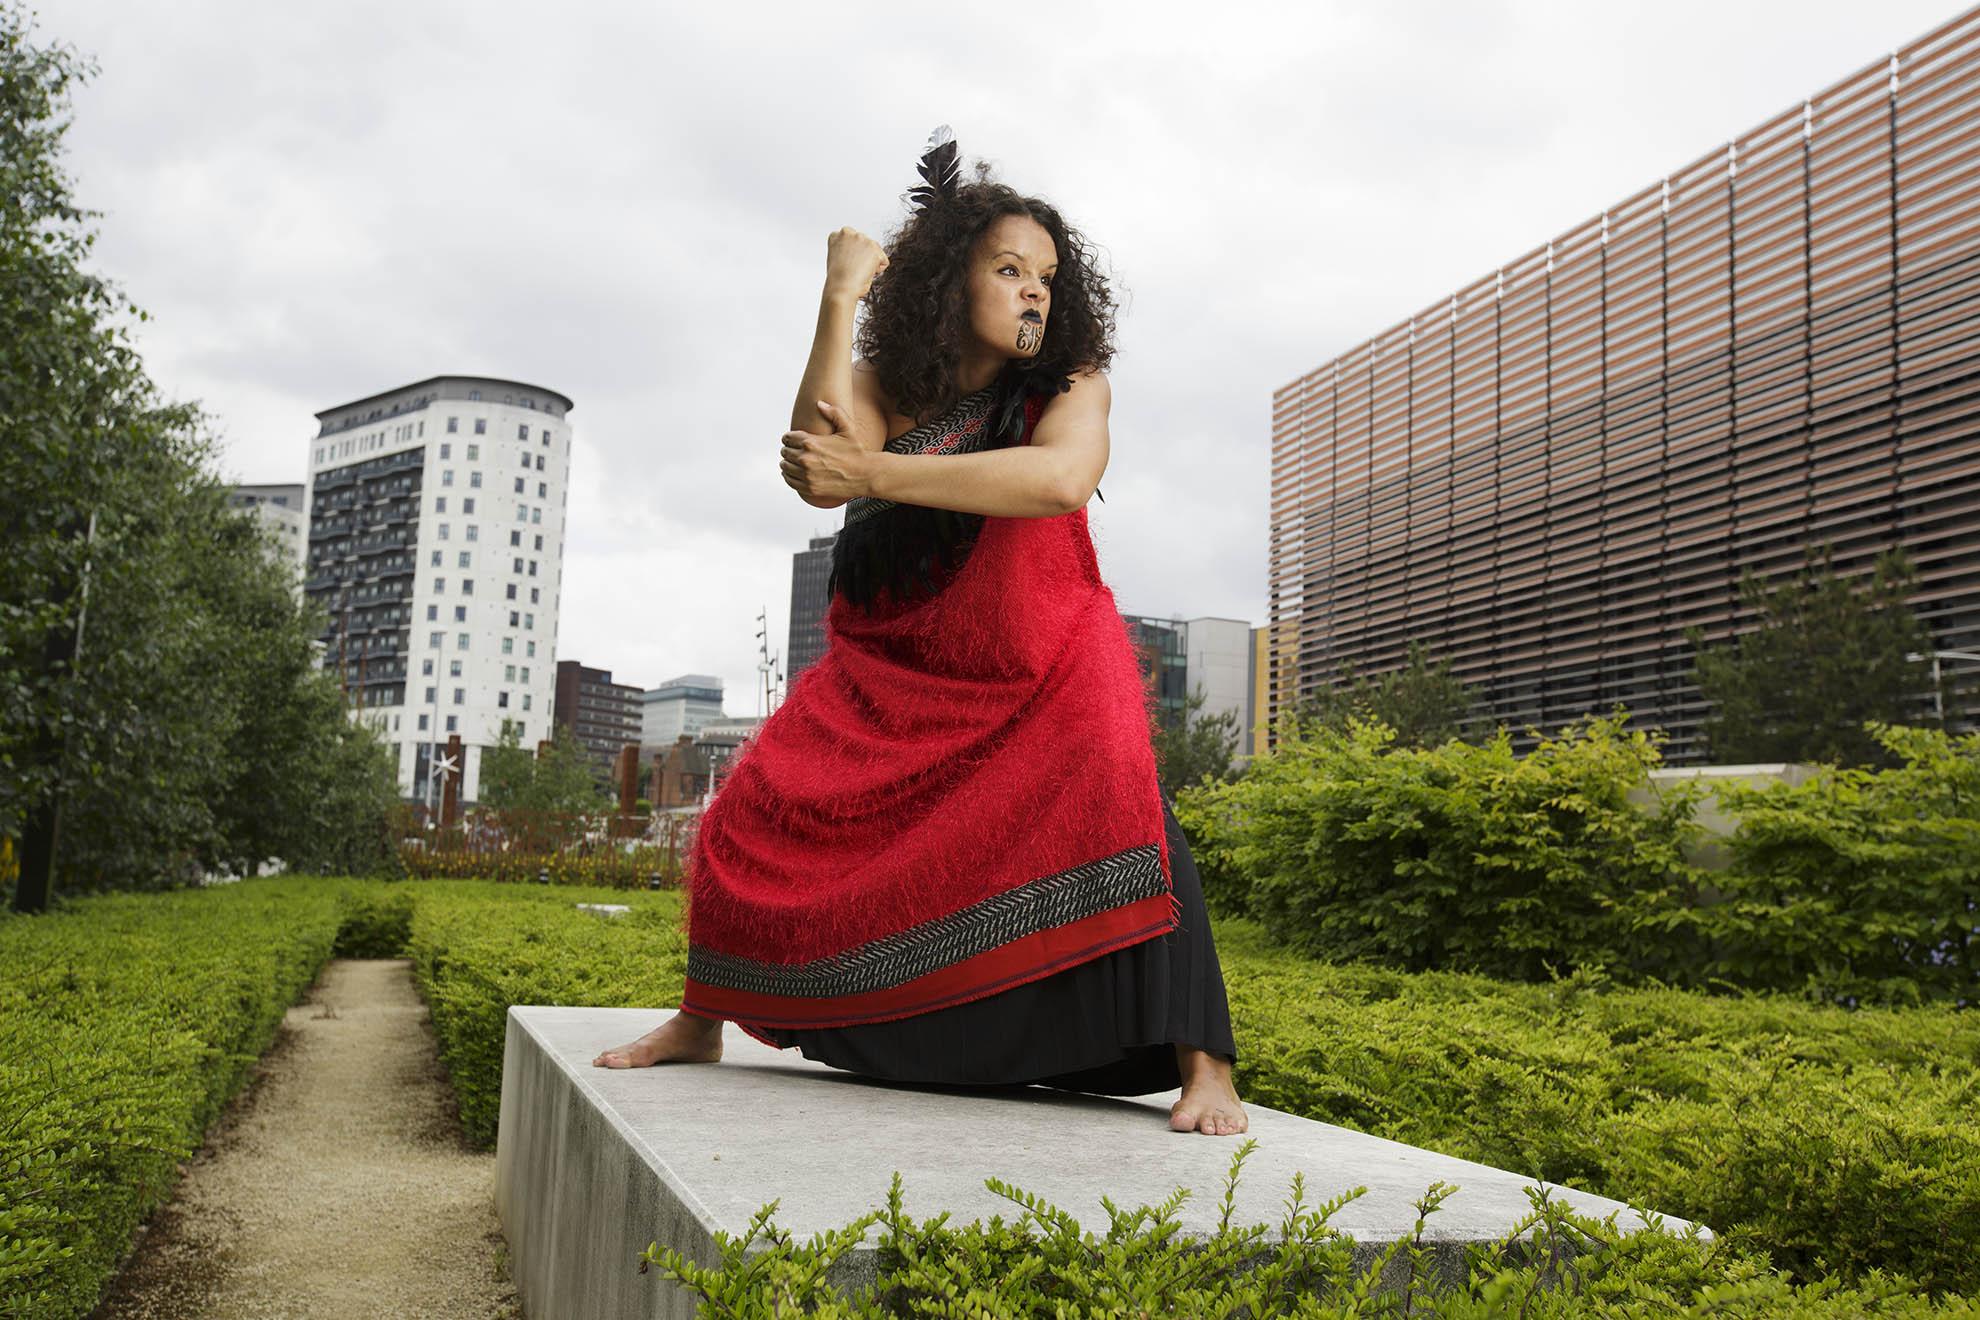 Haka dancer